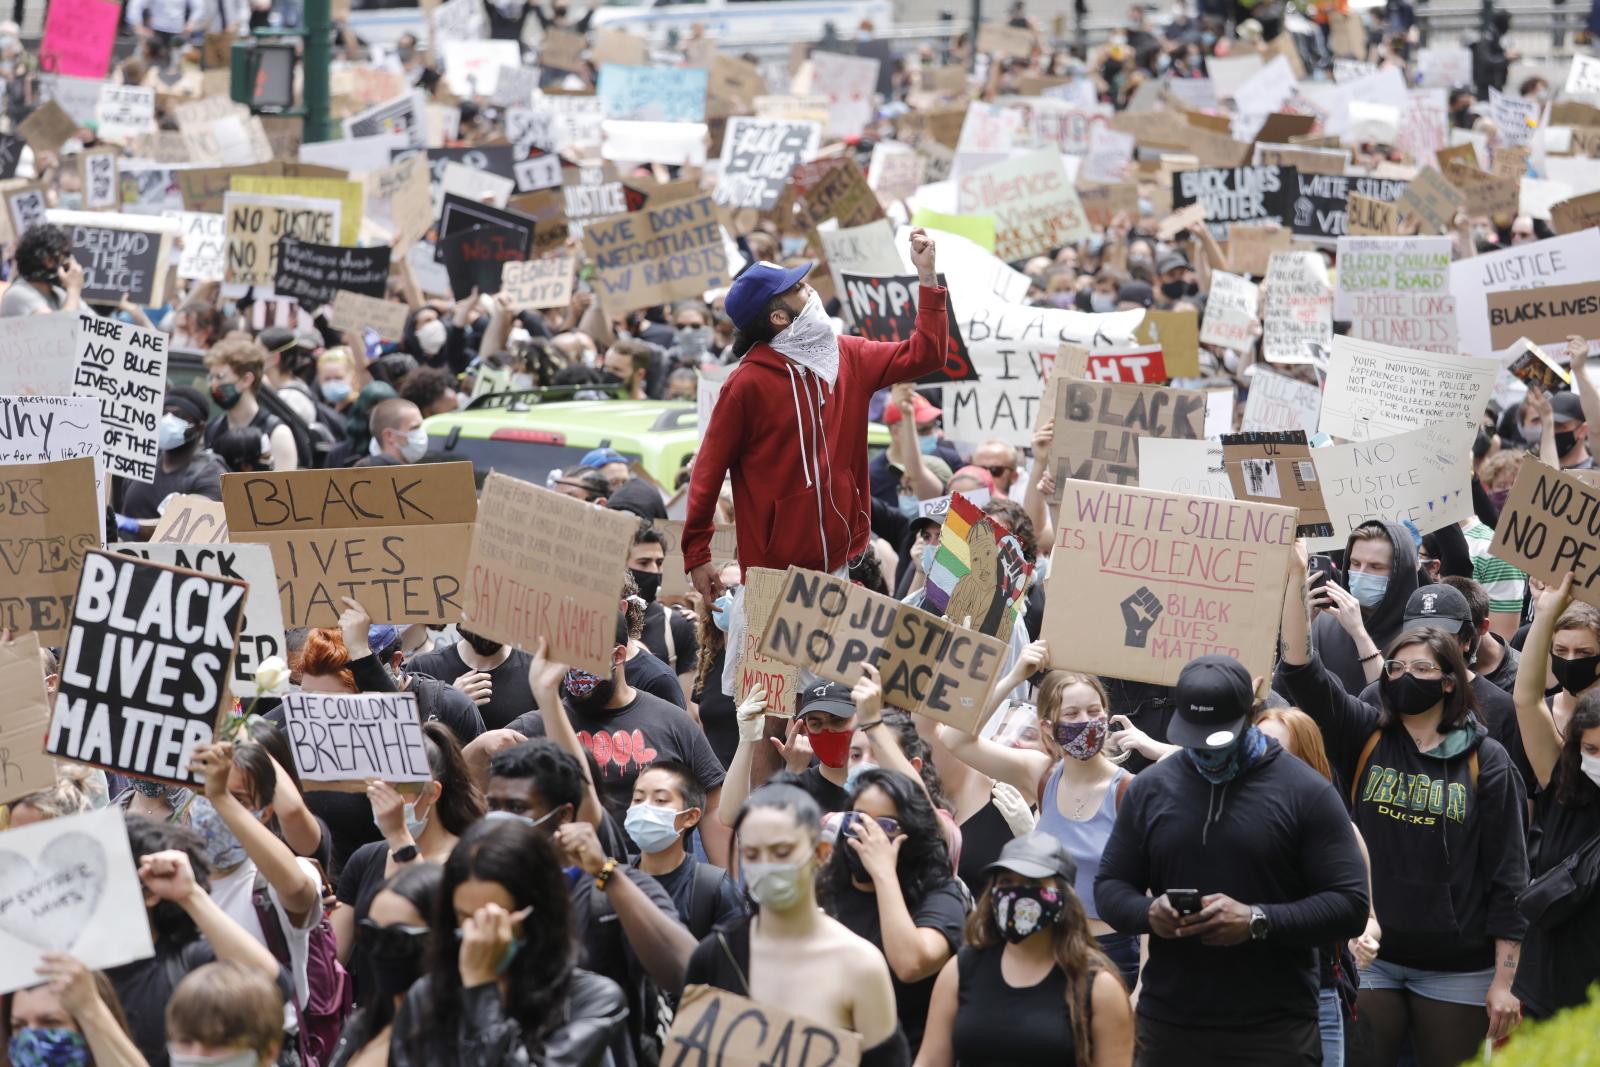 Protesty przeciwko dyskryminacji w USA trwają fot. EPA/JUSTIN LANE